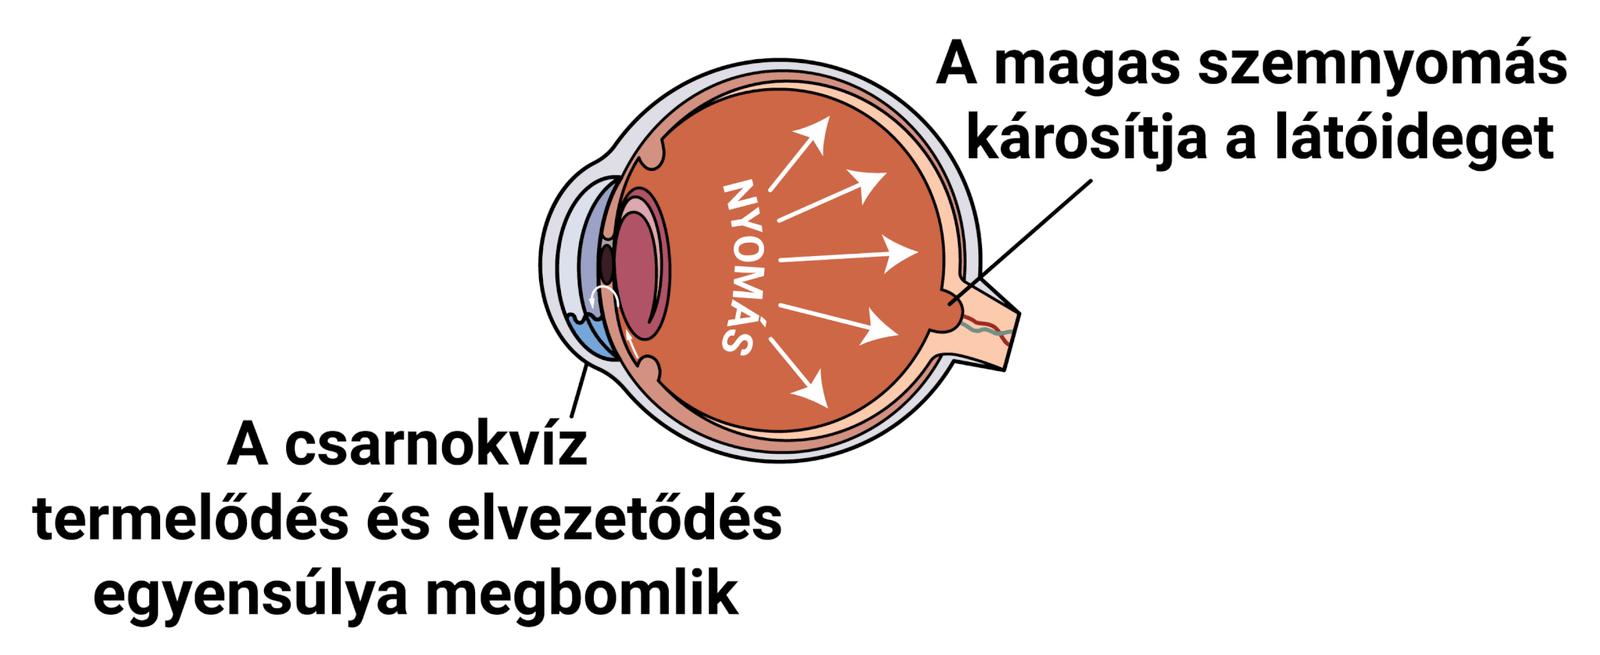 magas vérnyomás esetén a látás romlik vnc ajánlások a magas vérnyomás 2020-ig